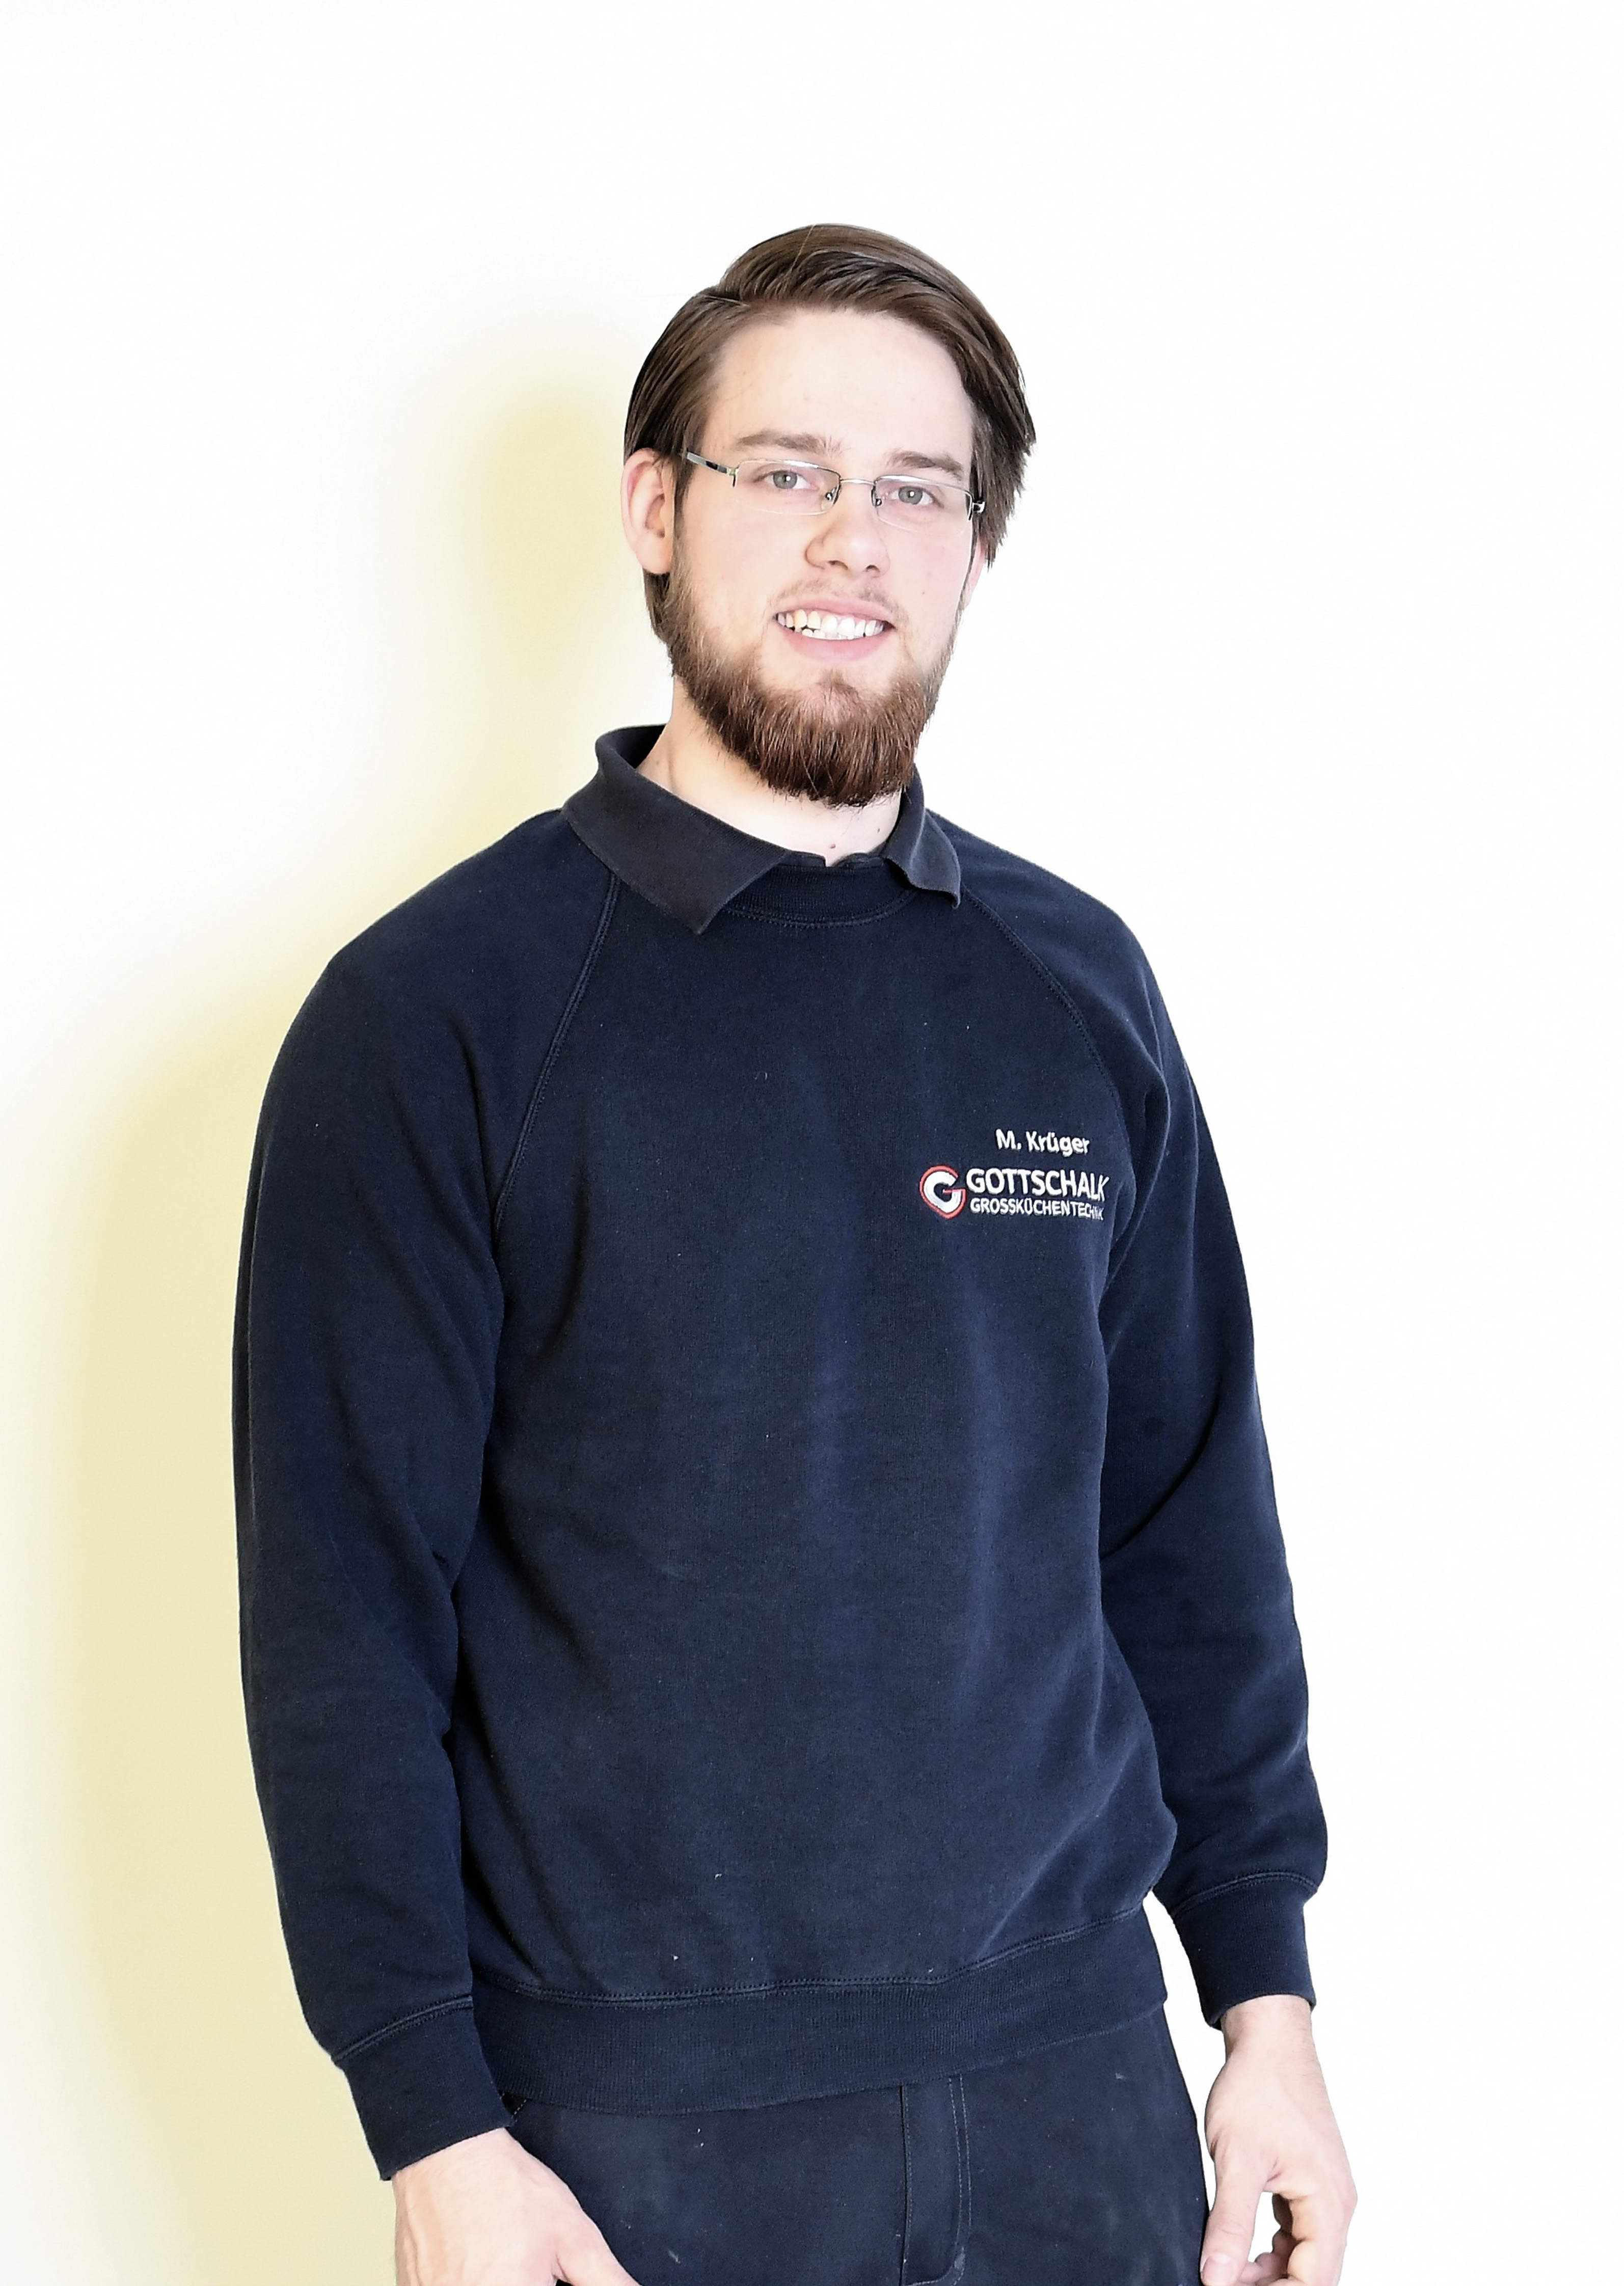 Malte Krüger ist seit 2018 Tischler und Servicetechniker im Team Gottschalk